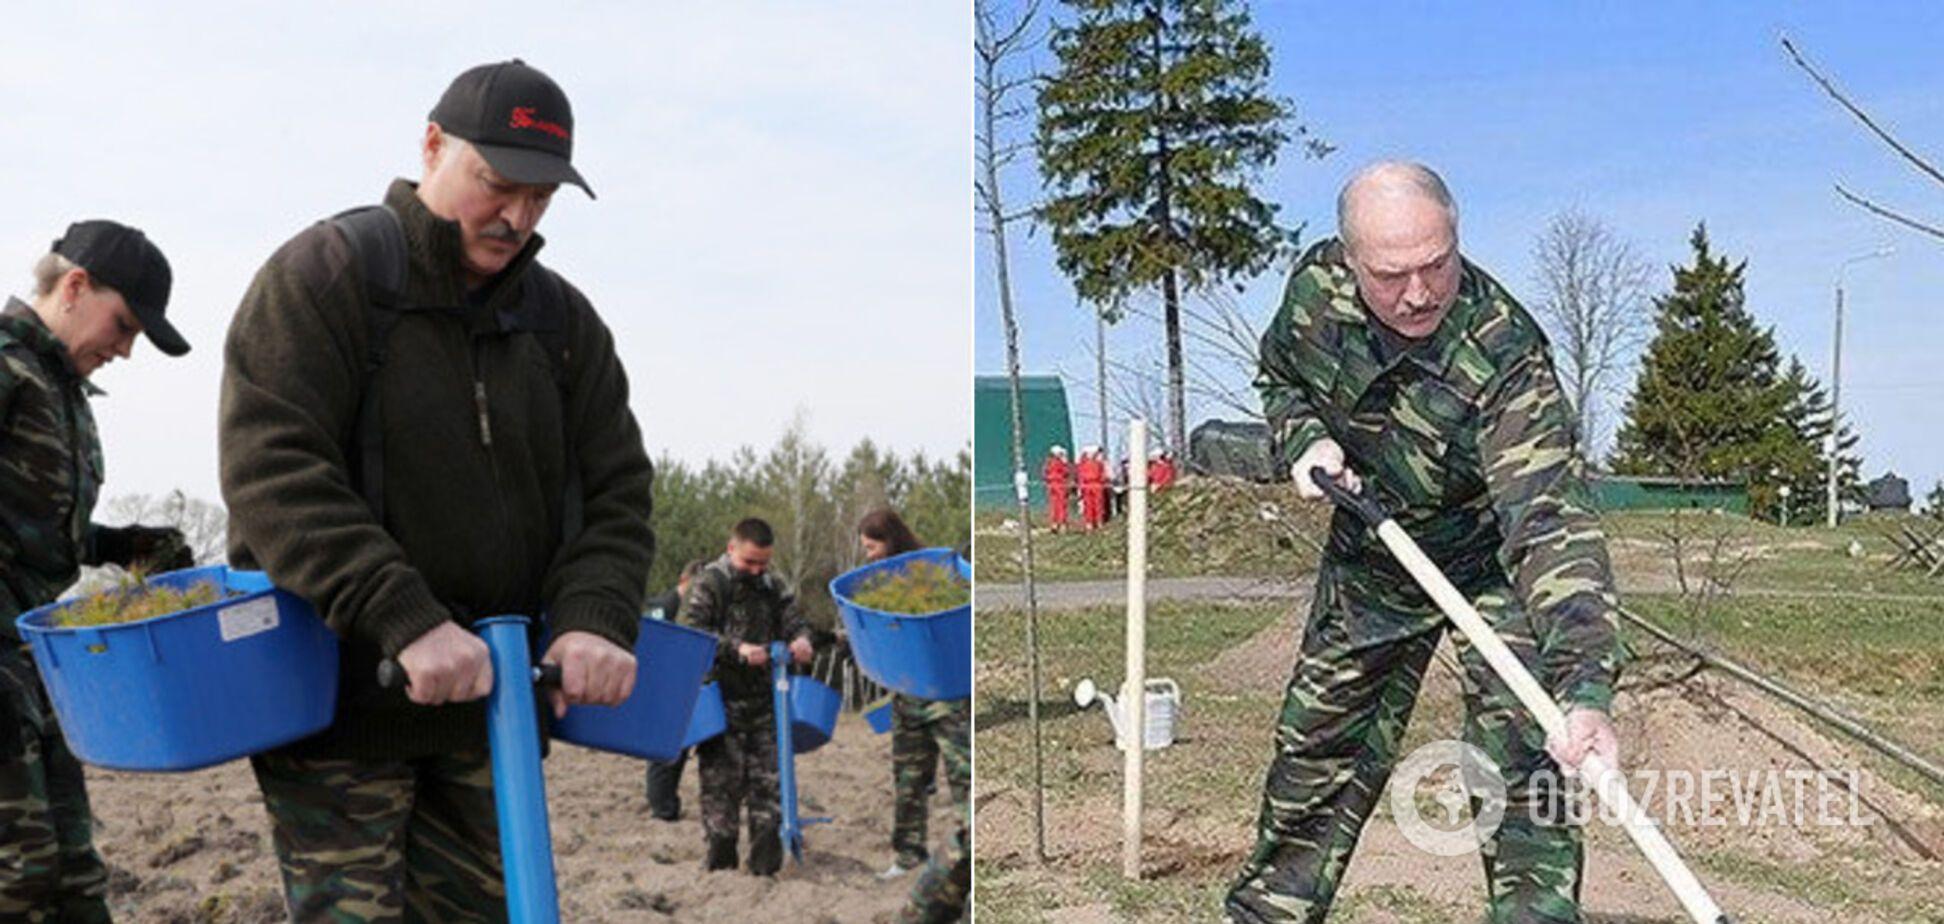 Дії Лукашенка в розпал пандемії COVID-19 спантеличили мережу. Фото і відео